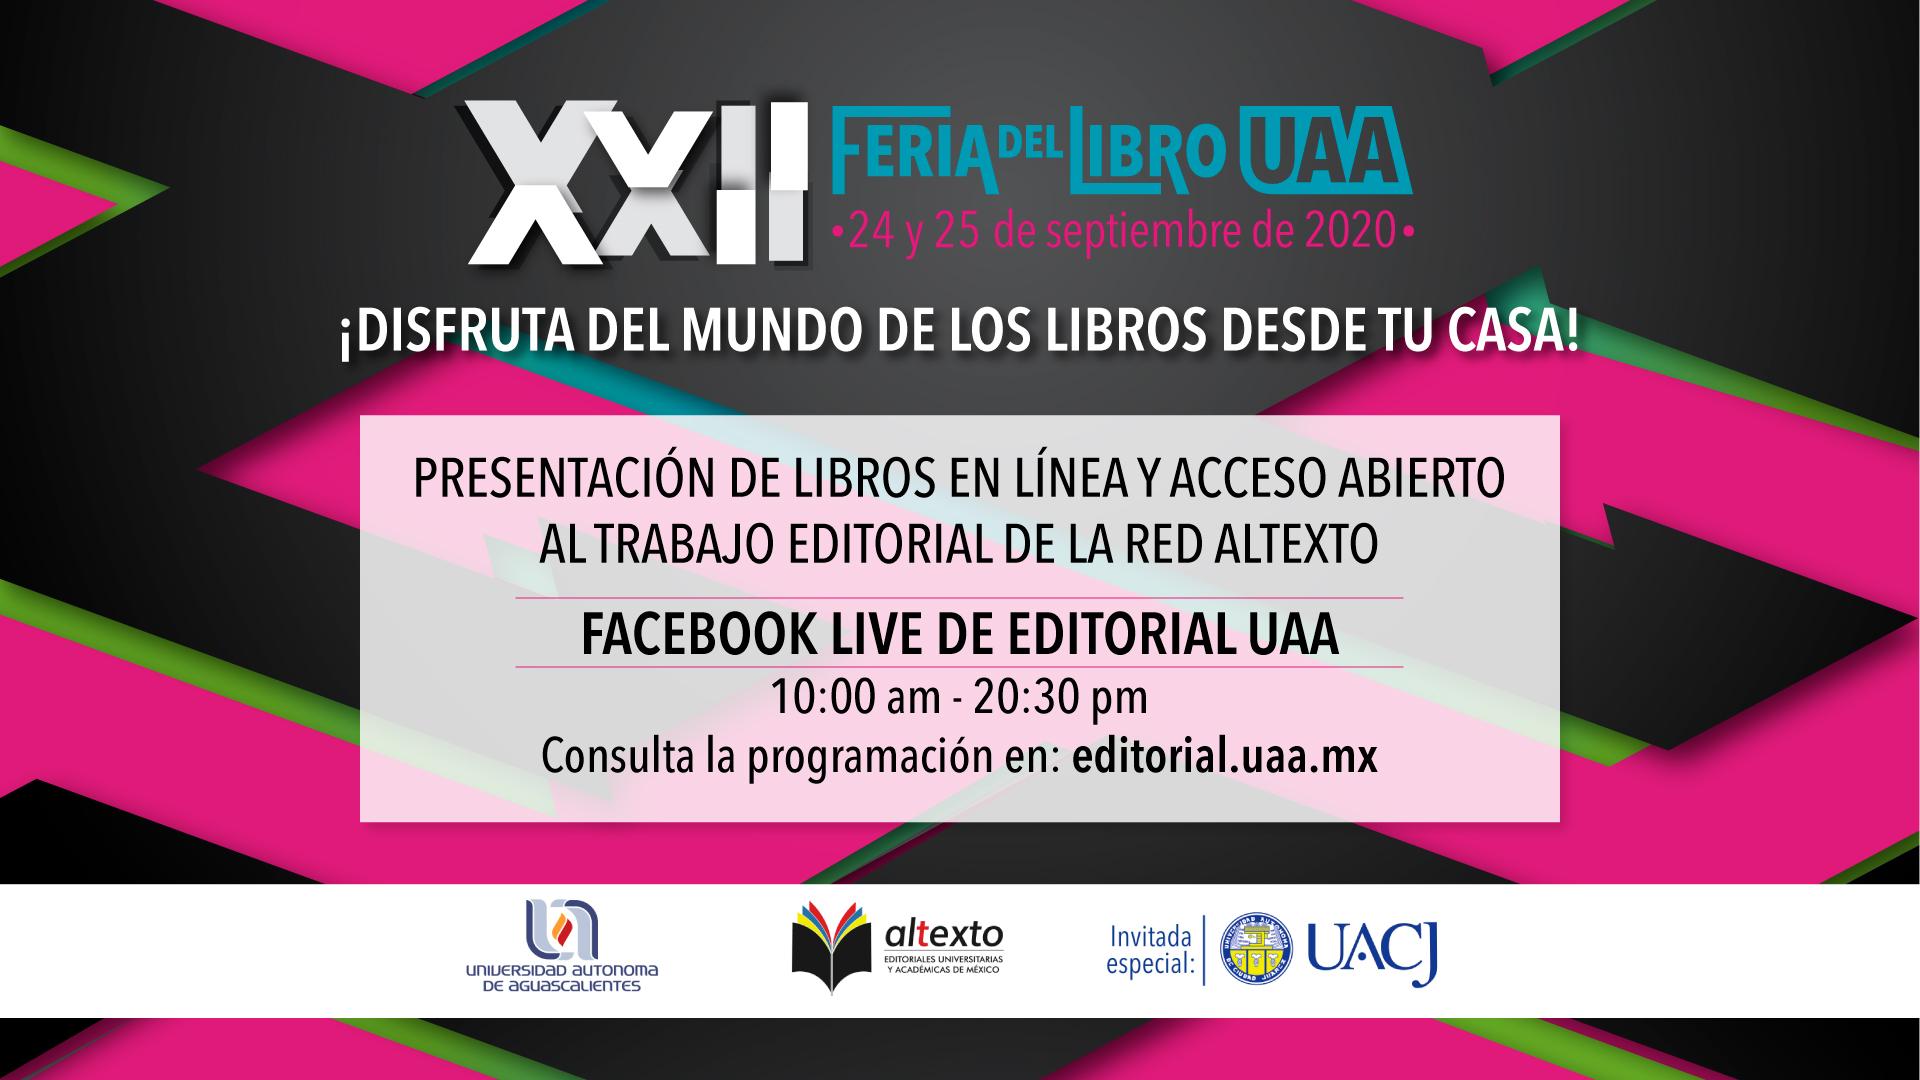 La XXII edición de la Feria del Libro de la UAA será en formato virtual